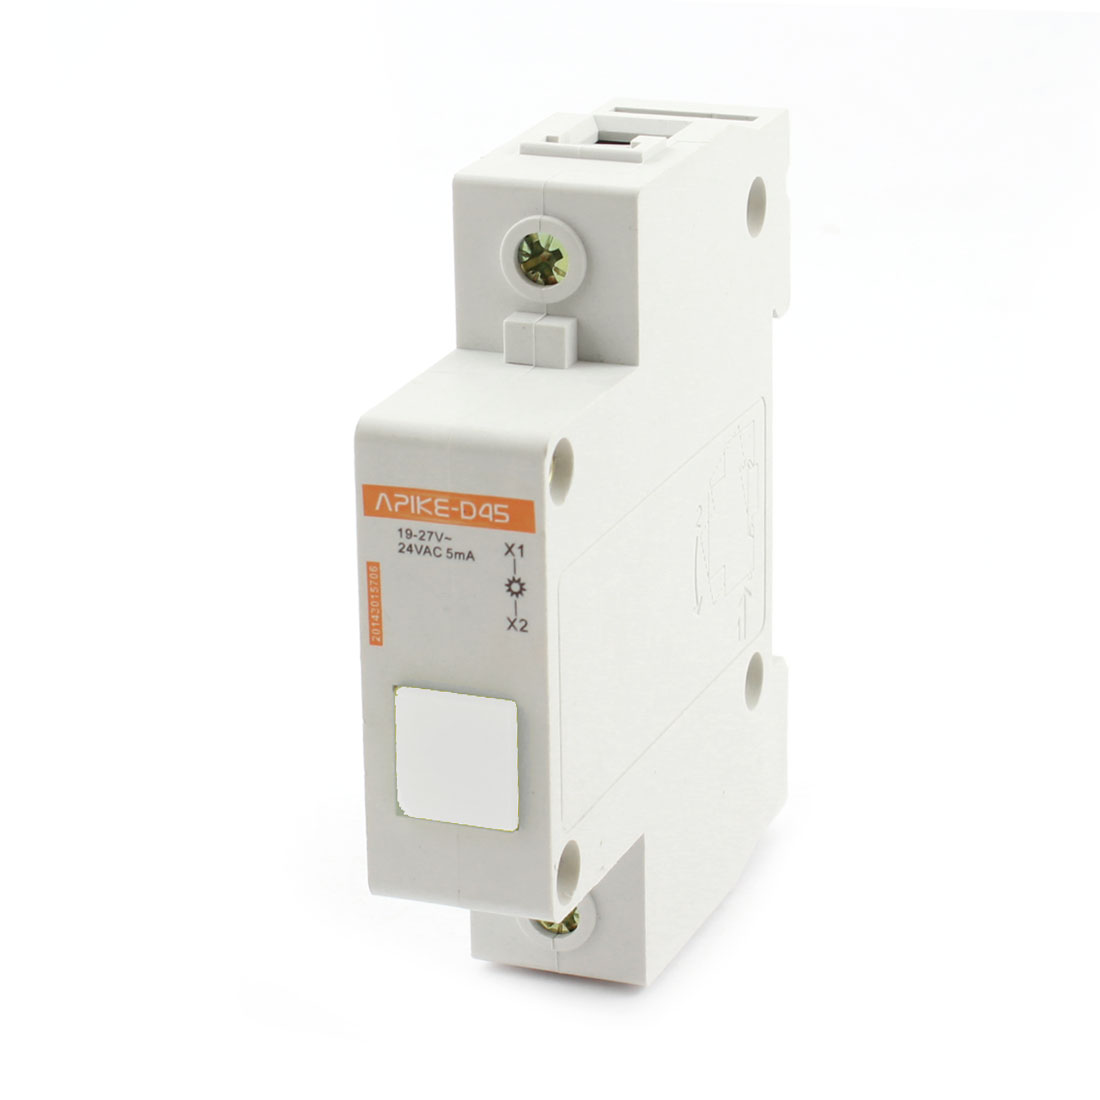 AC 110V 5mA White LED Modular Electrical Power Signal Indicator Light Lamp